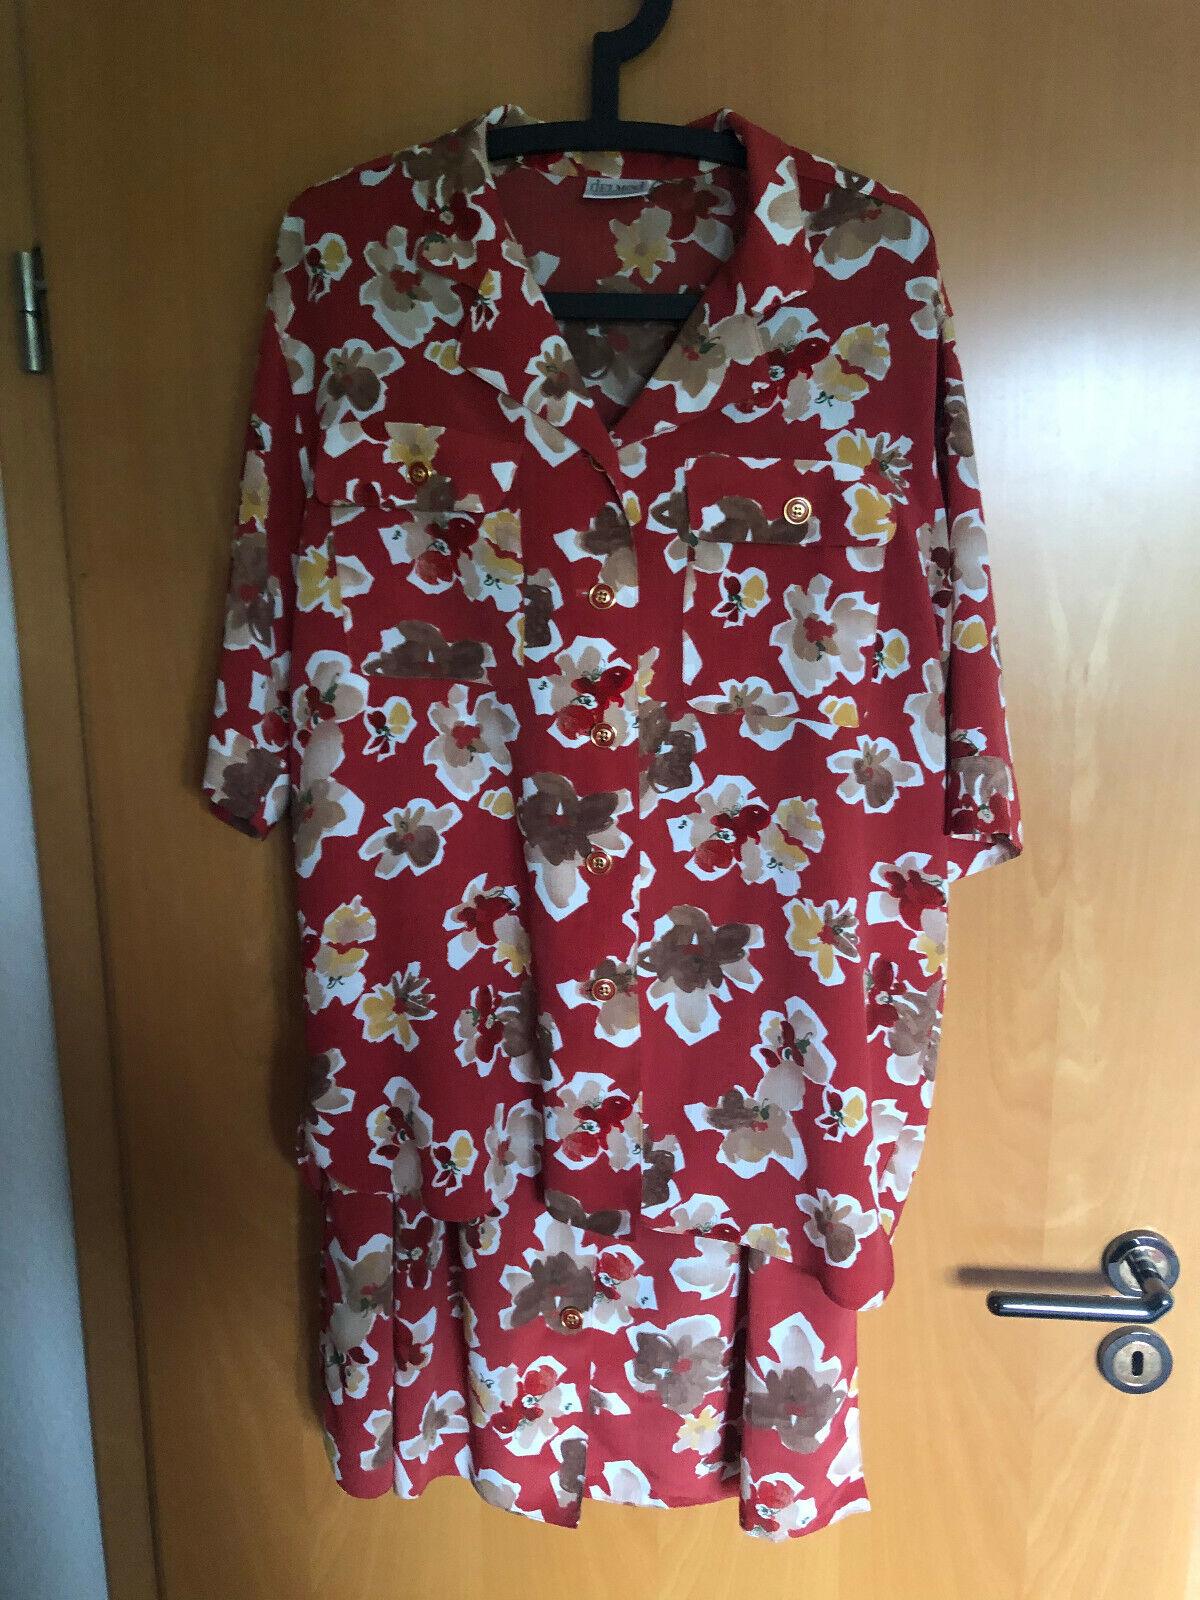 DelMod: 2 tlg. Sommerkleid, rot geblümt, Gr. 40